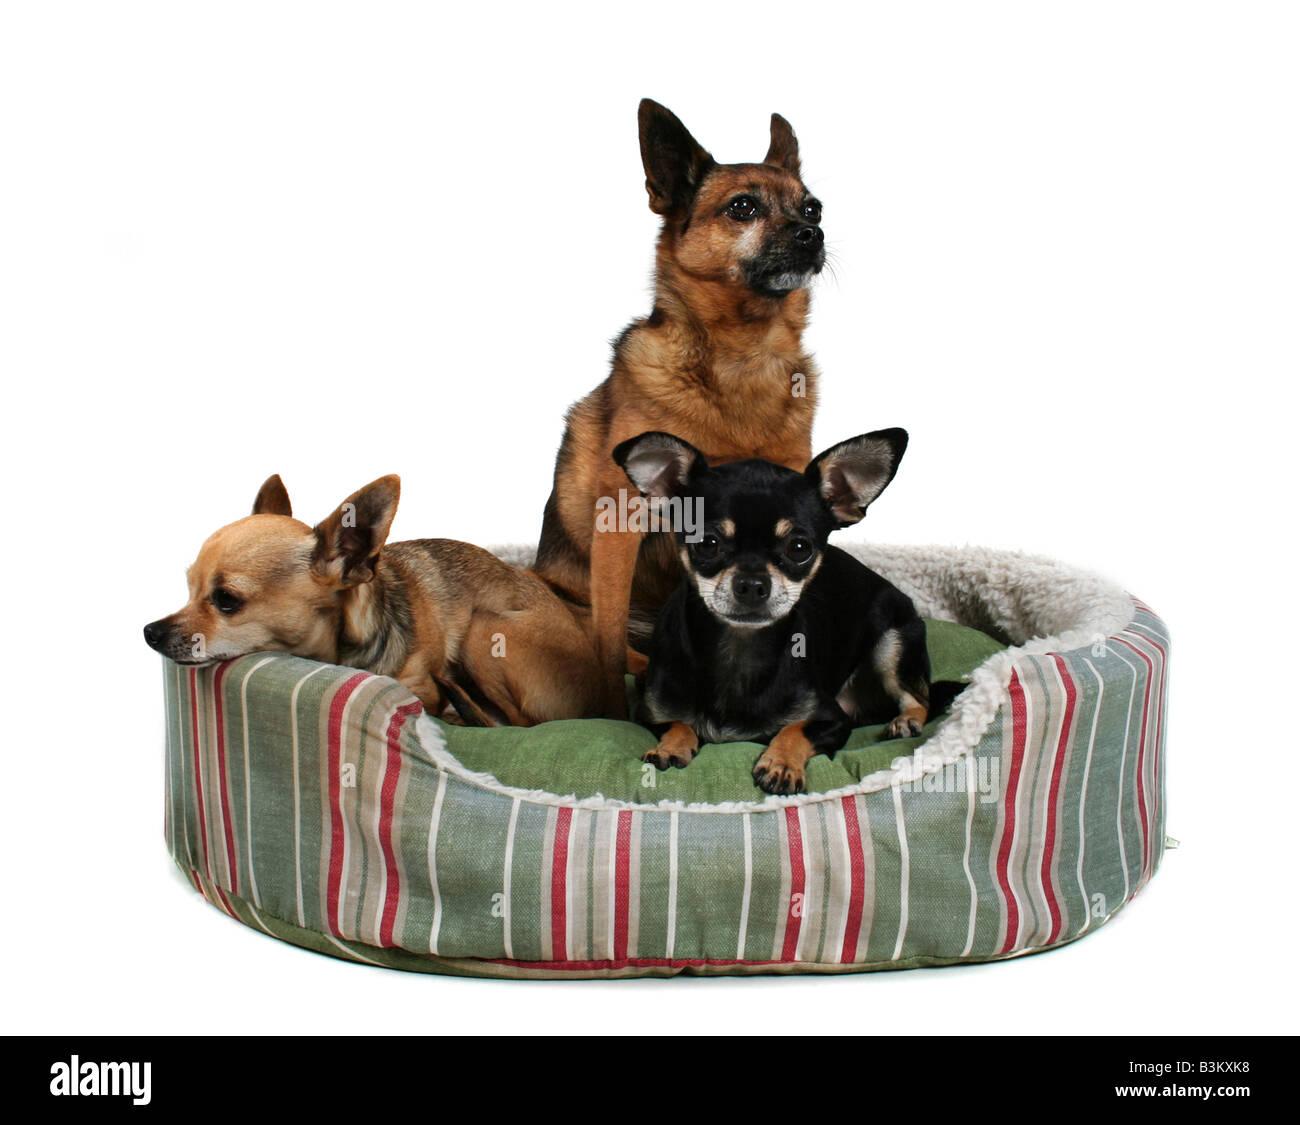 Tre cani condividono un piccolo lettino pet Immagini Stock